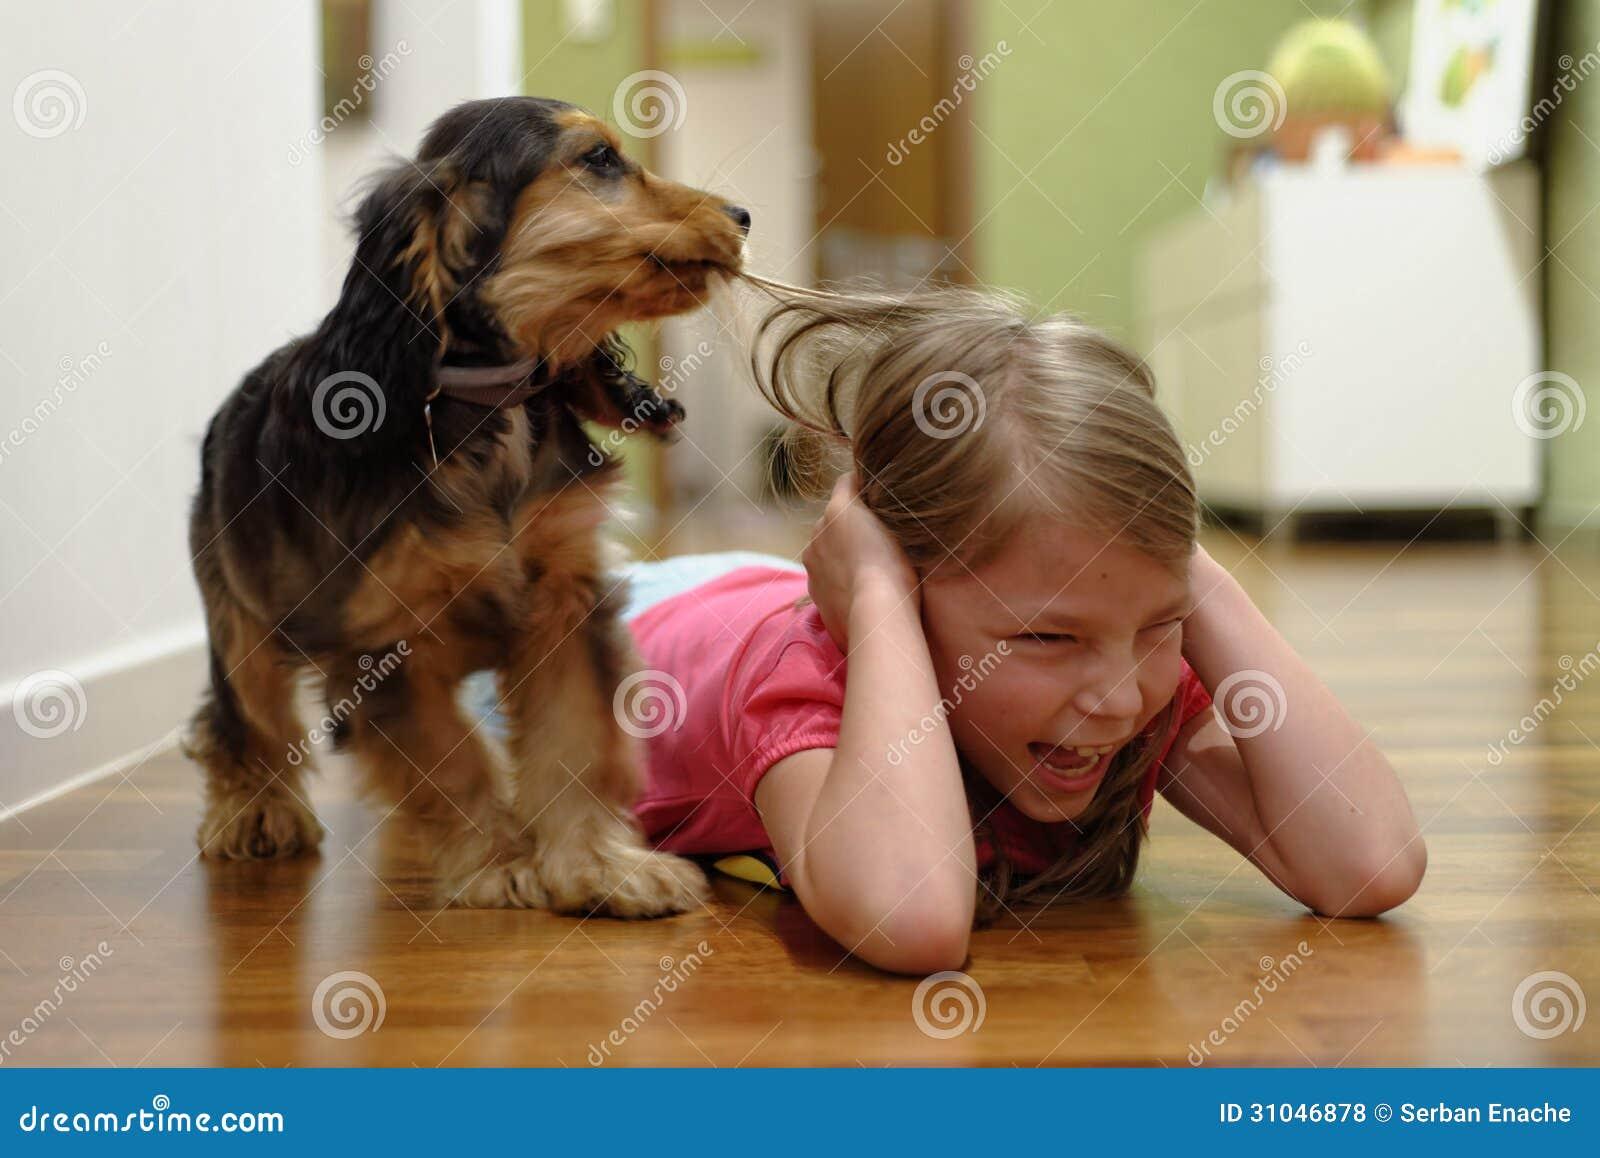 Hund, der das Haar des Mädchens zieht